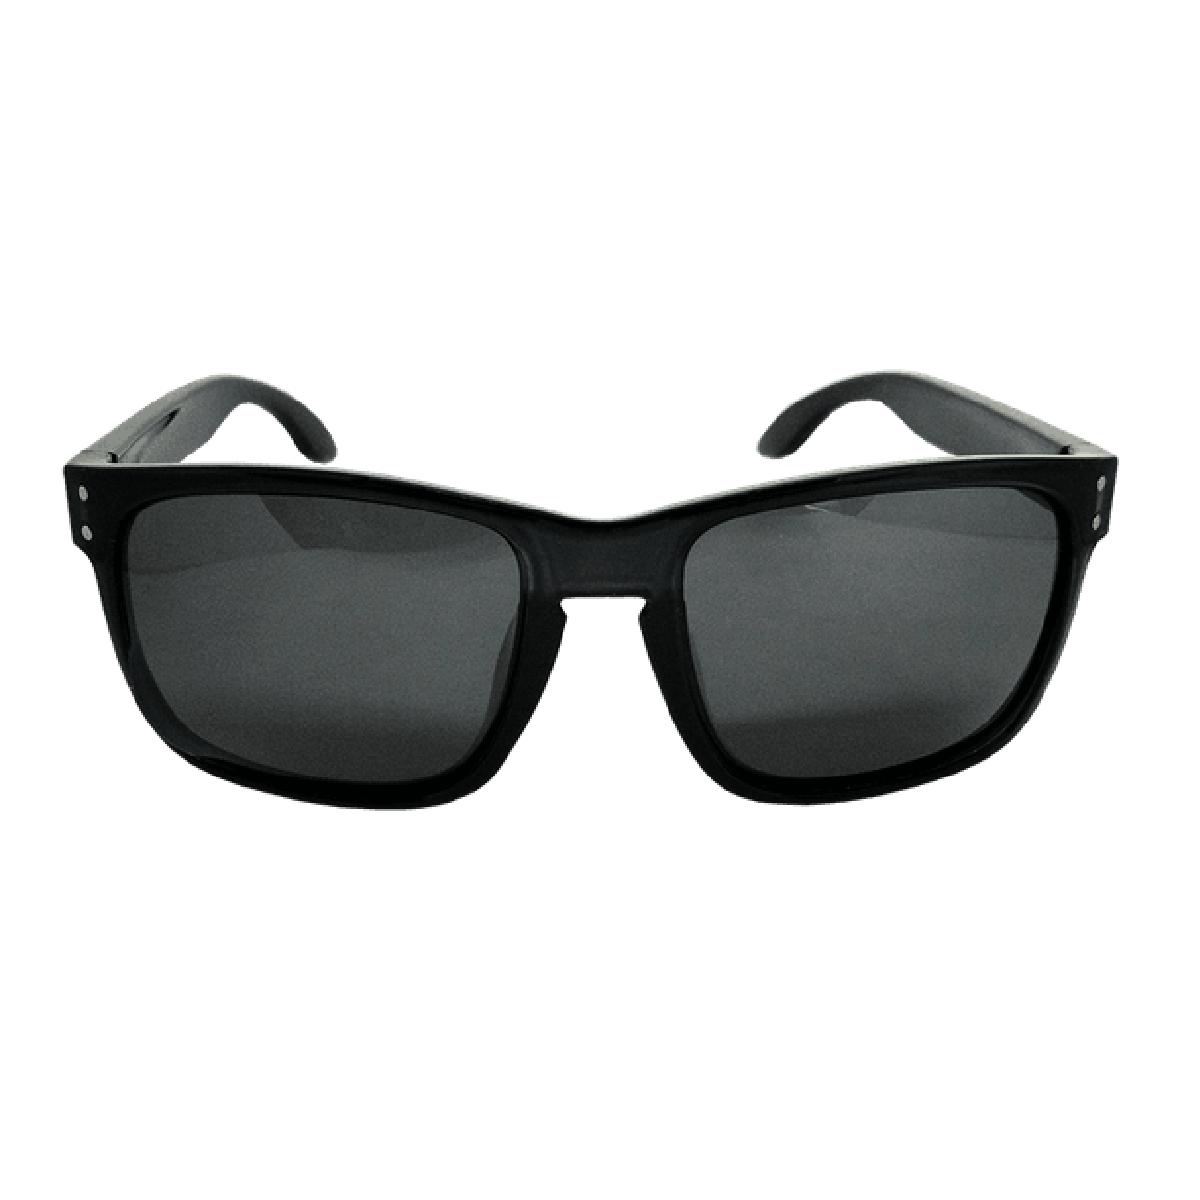 Óculos de Sol Polarizado Yara Dark Vision 01591 Classic - Lente Smoke Feminino